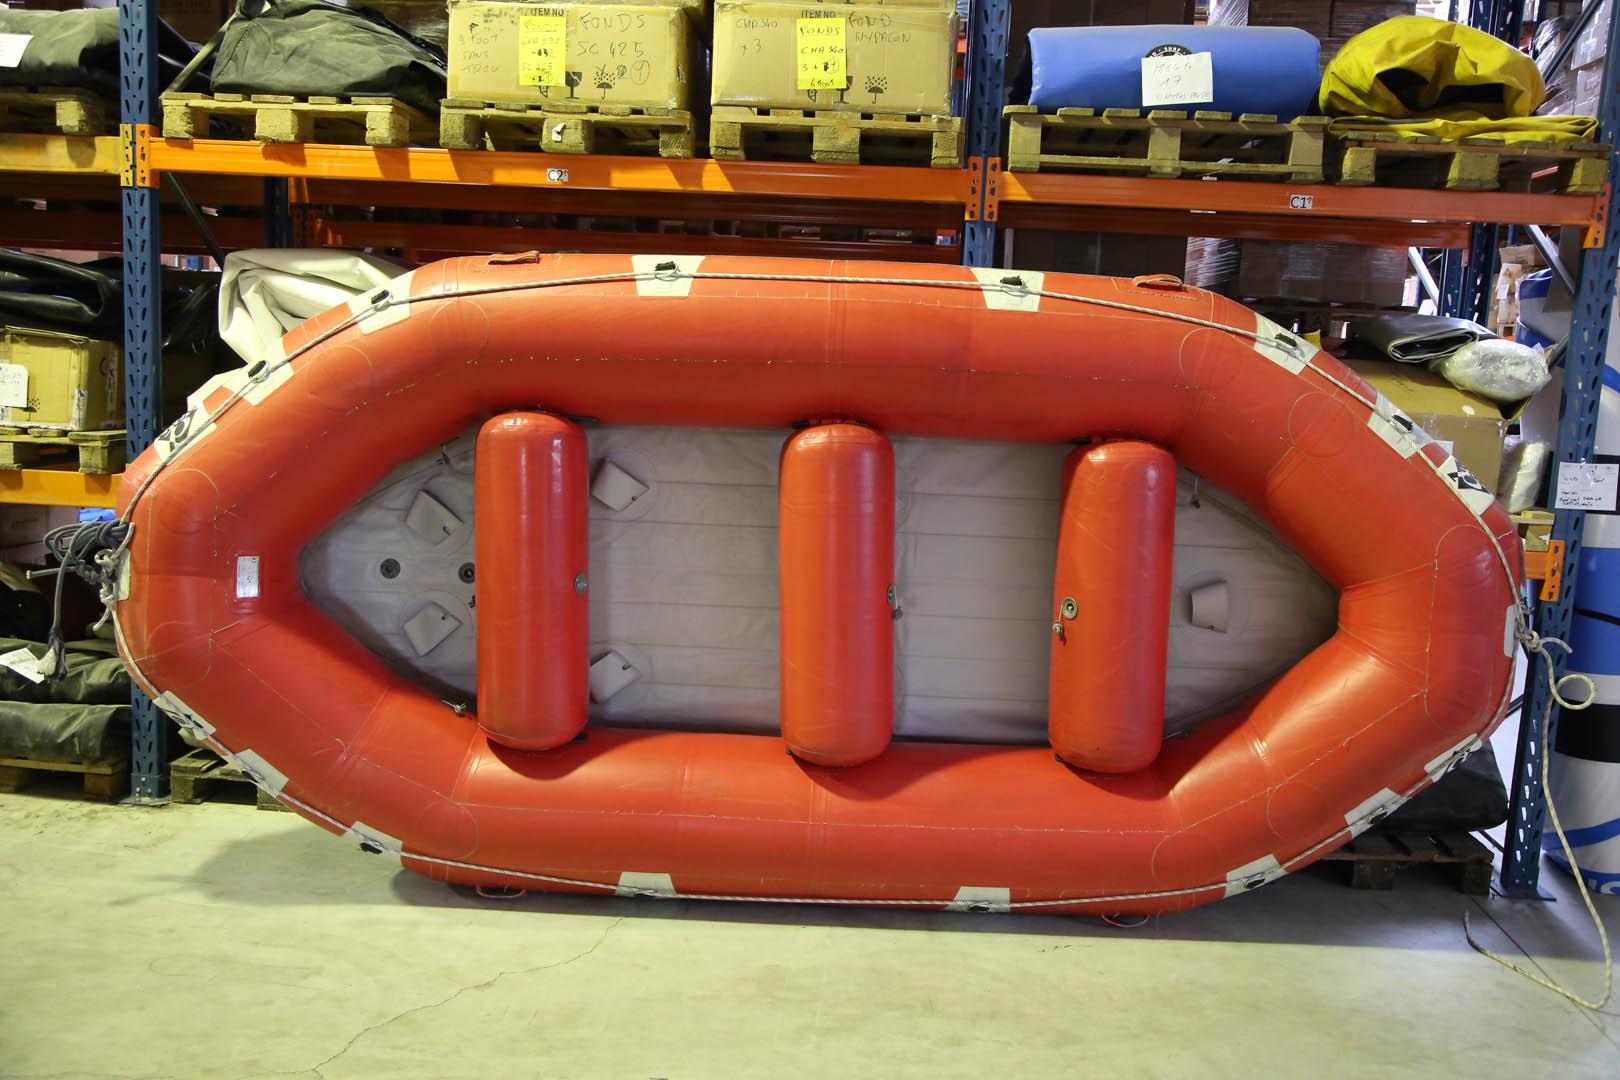 SC410 RED 233 05 F9 03 B